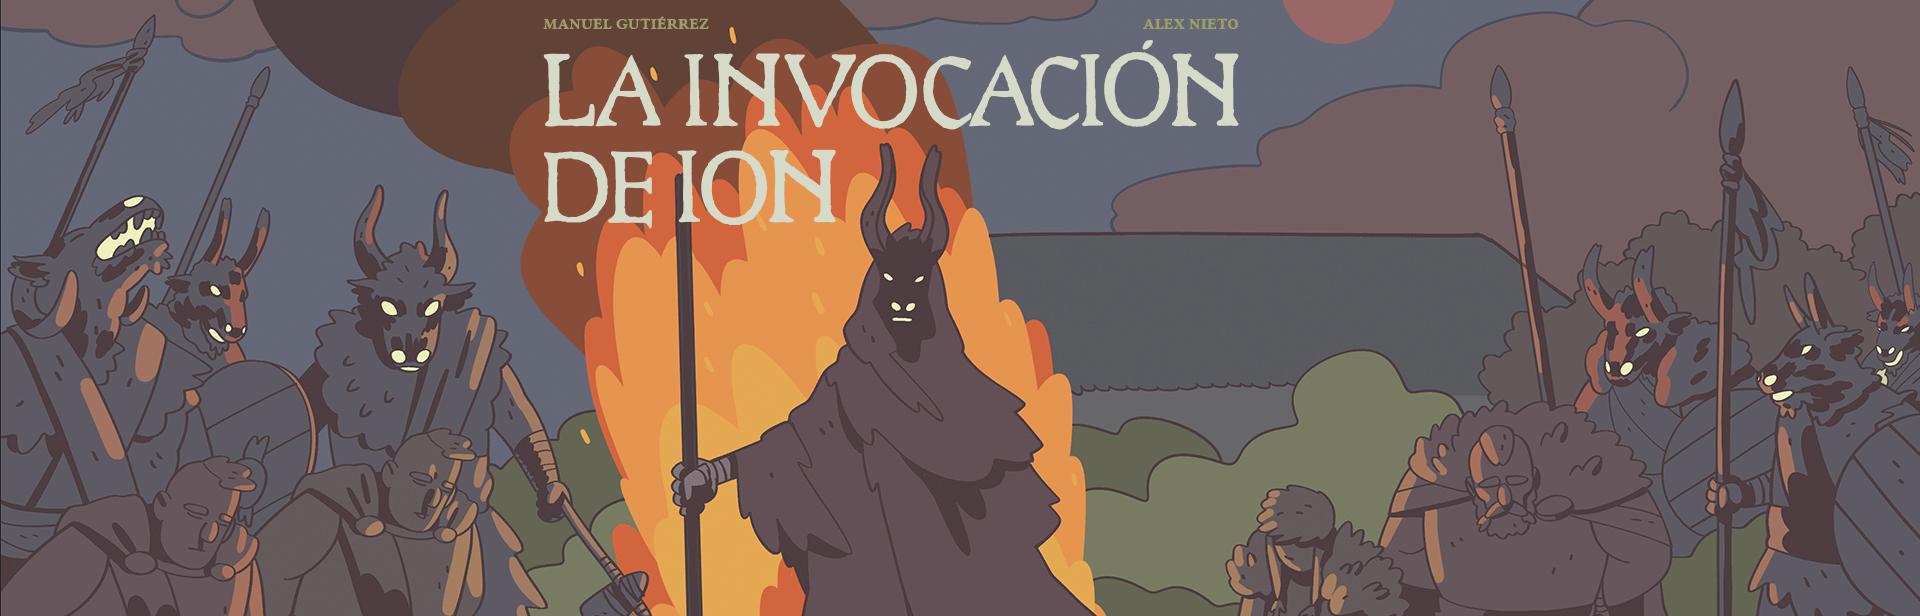 La invocación de Ion